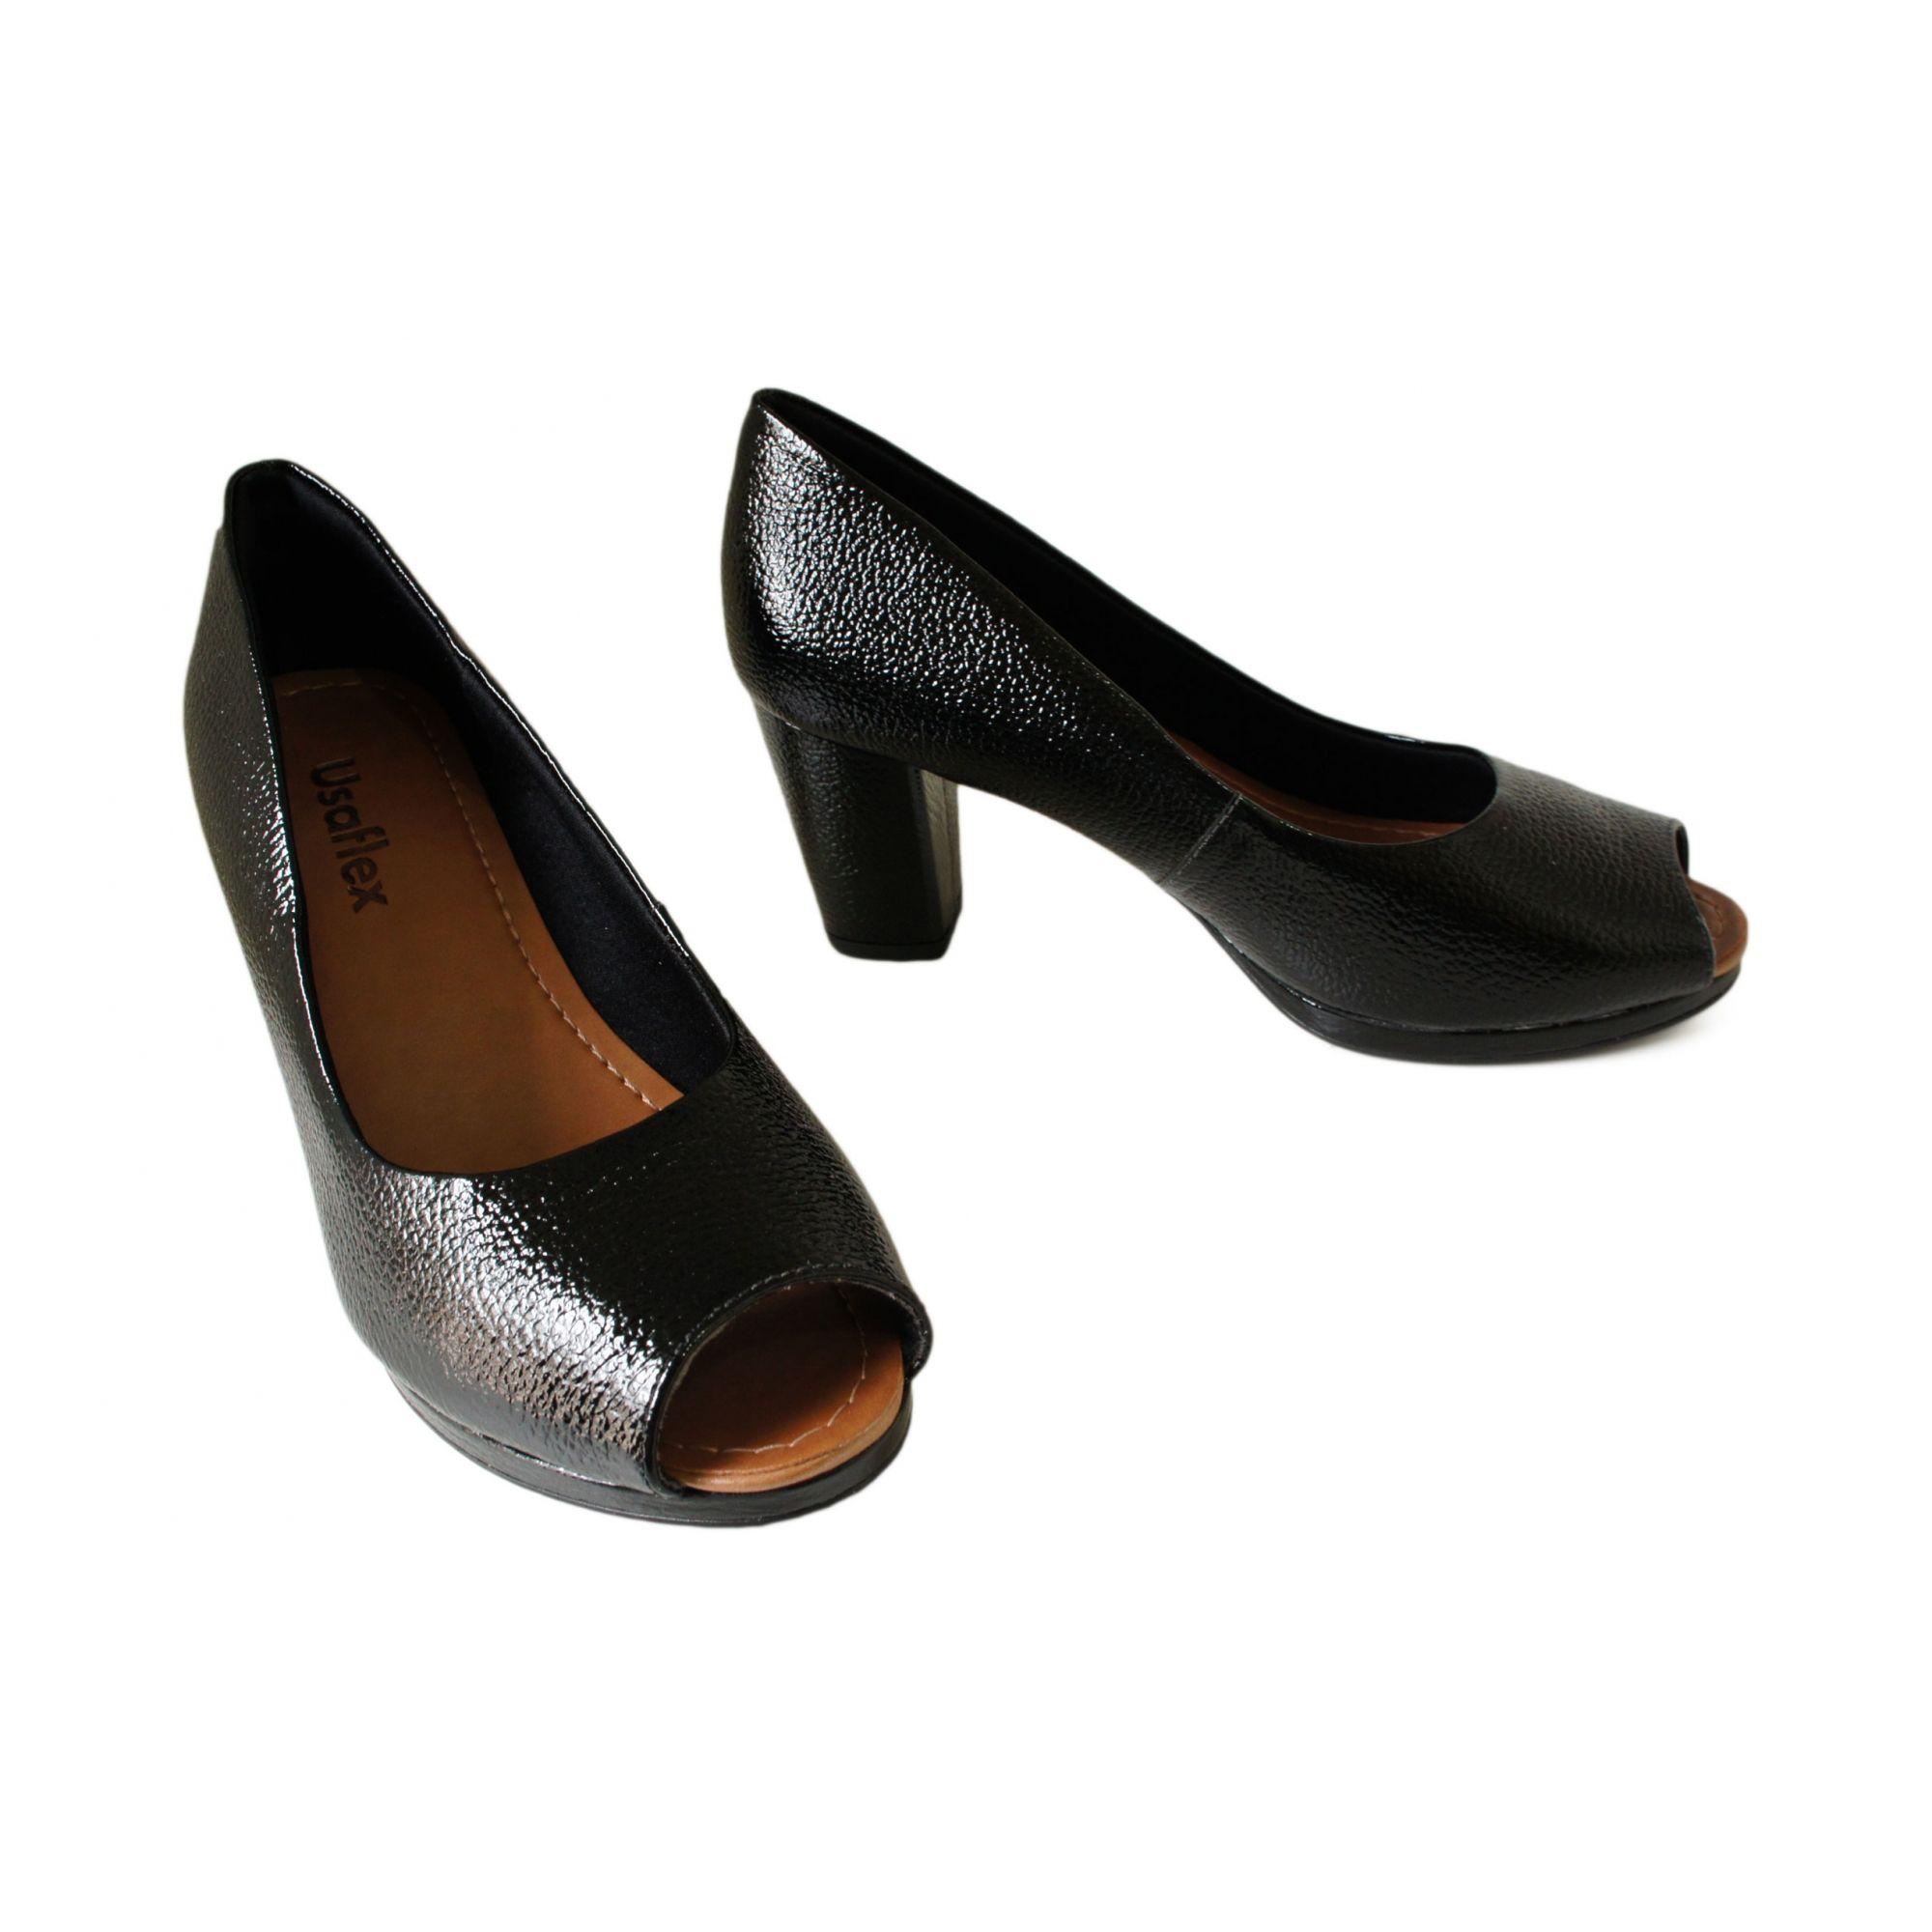 a7ab8615e Peep Toe Usaflex Salto 7,5 Cm Grosso Liso Basico - Y9208 - Celeste Calçados